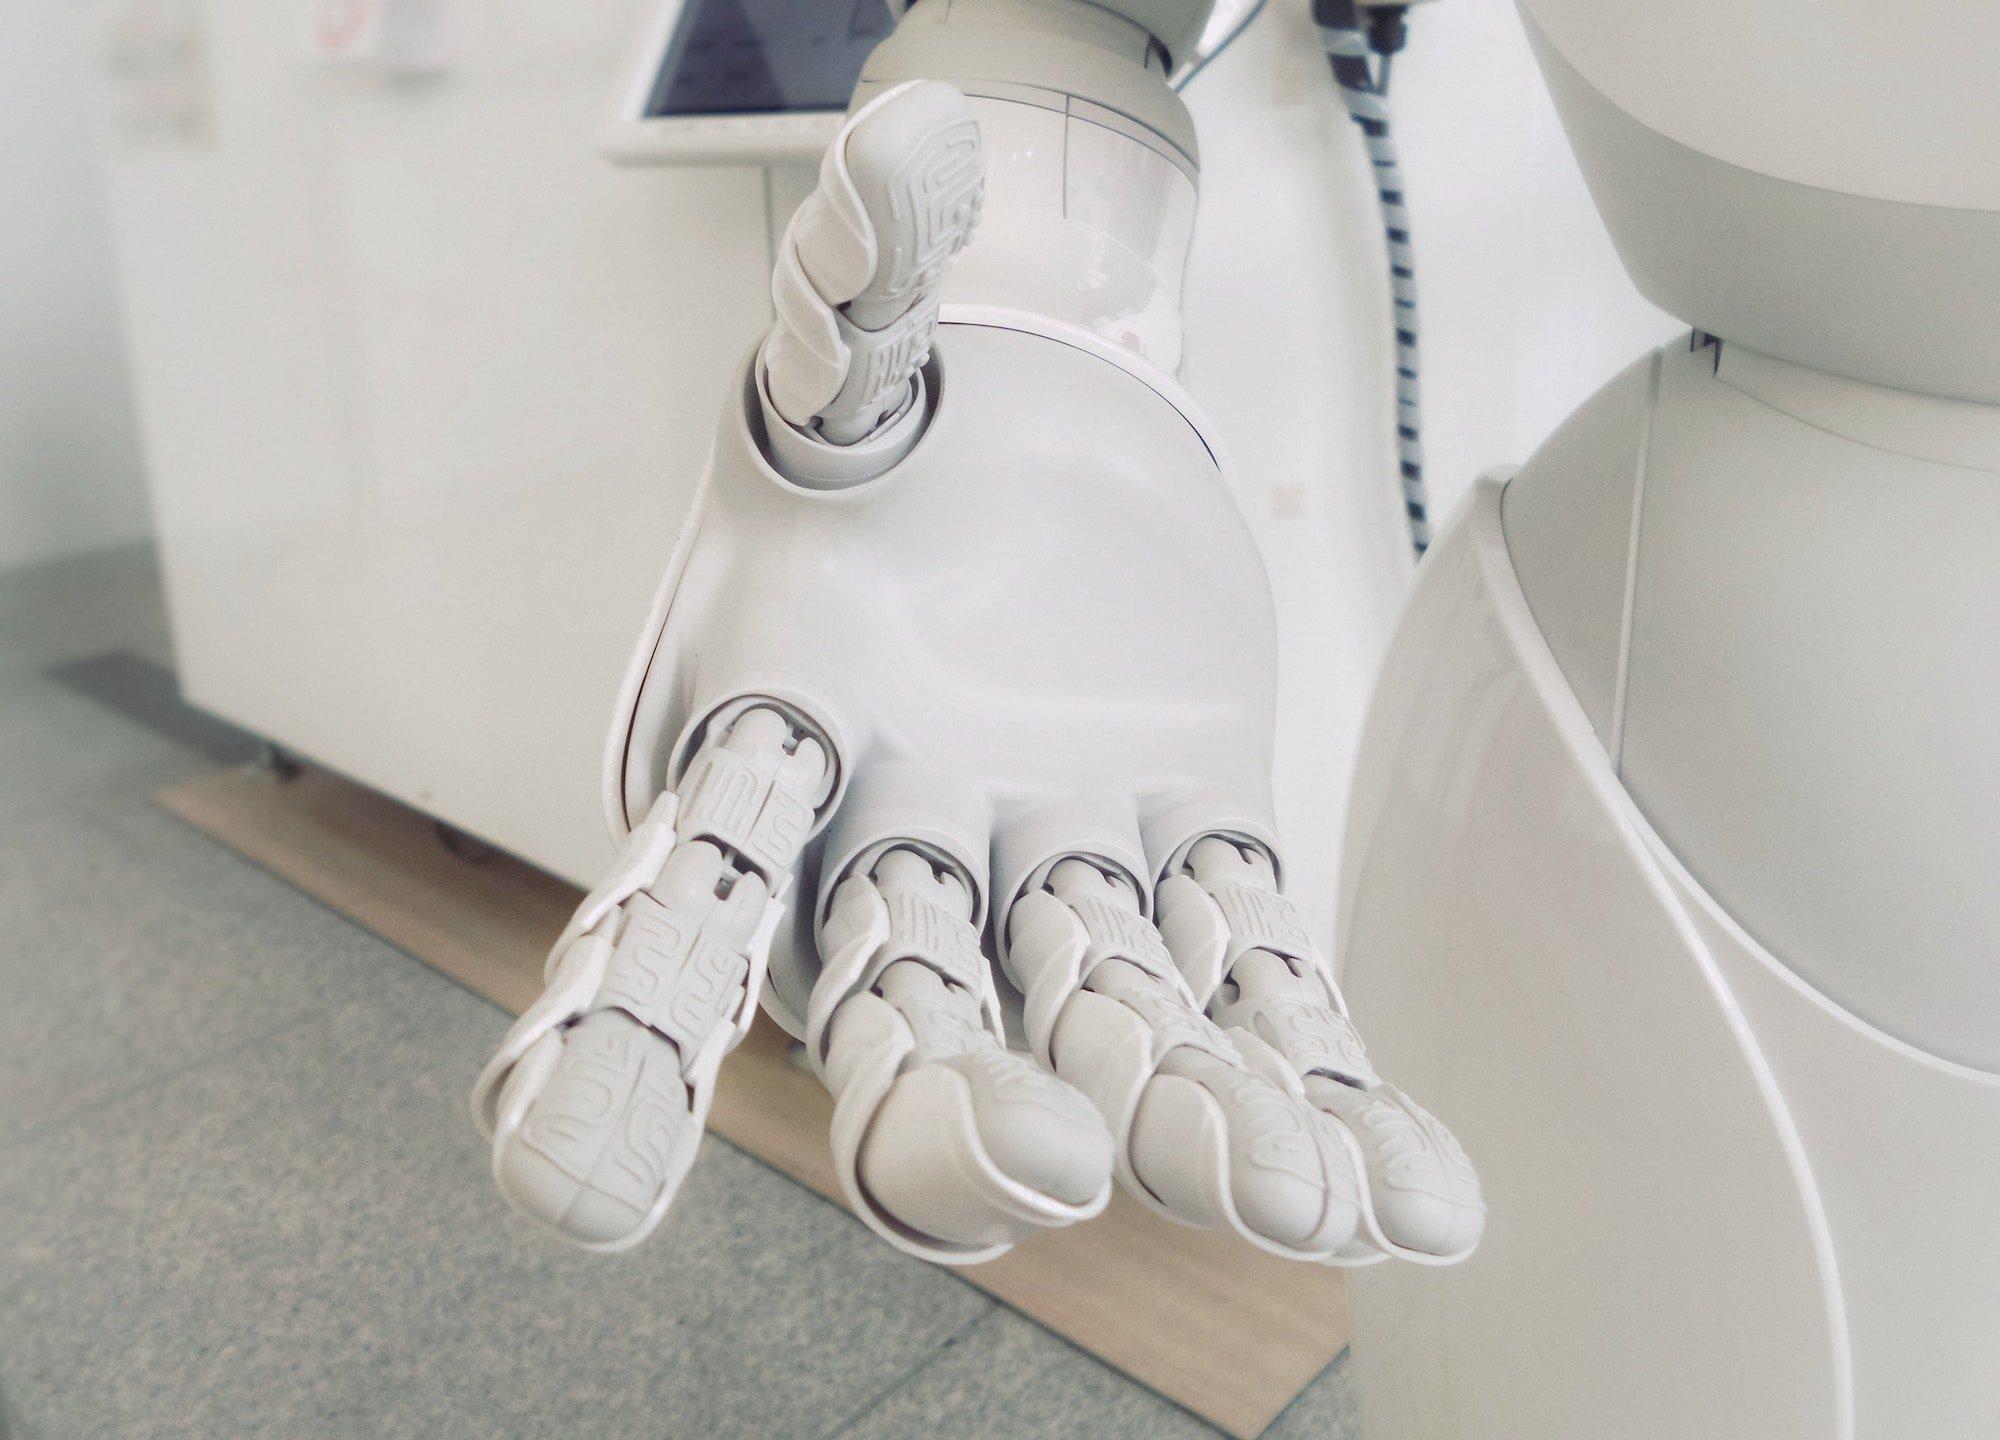 tech breakthrough robot arm